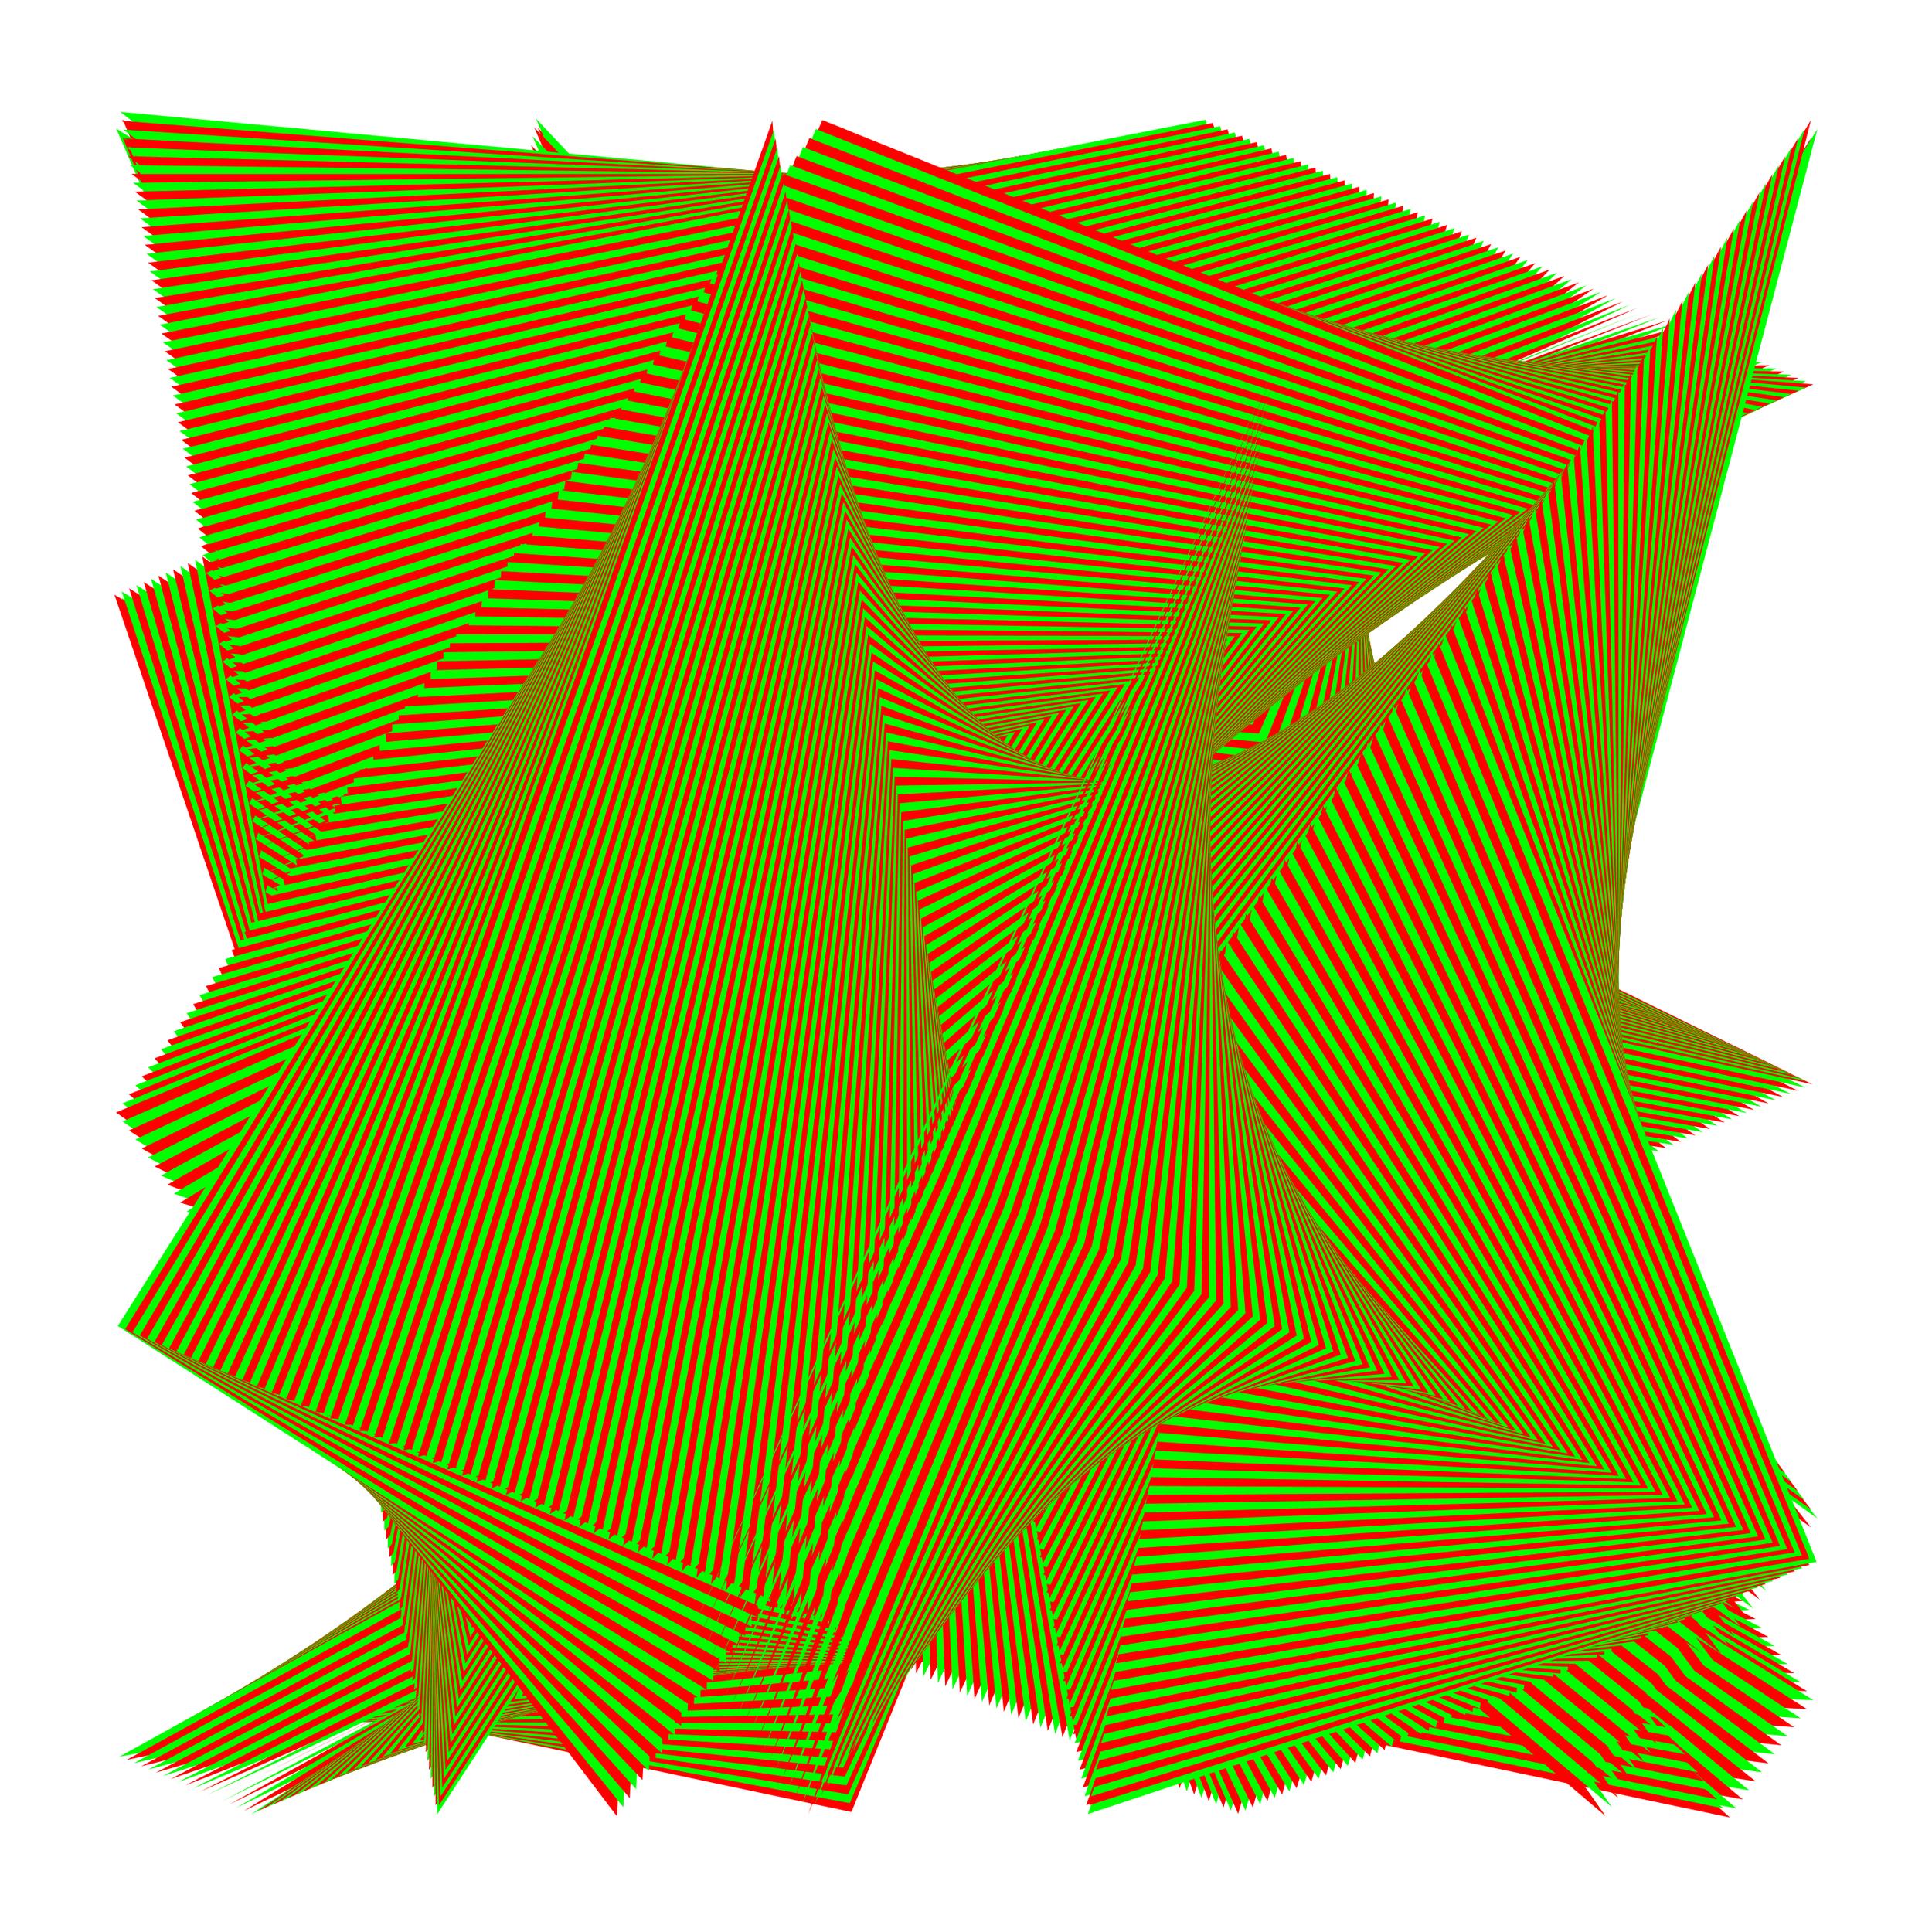 109f7af6-2670-44a6-918a-b0d474d9e5d2.png